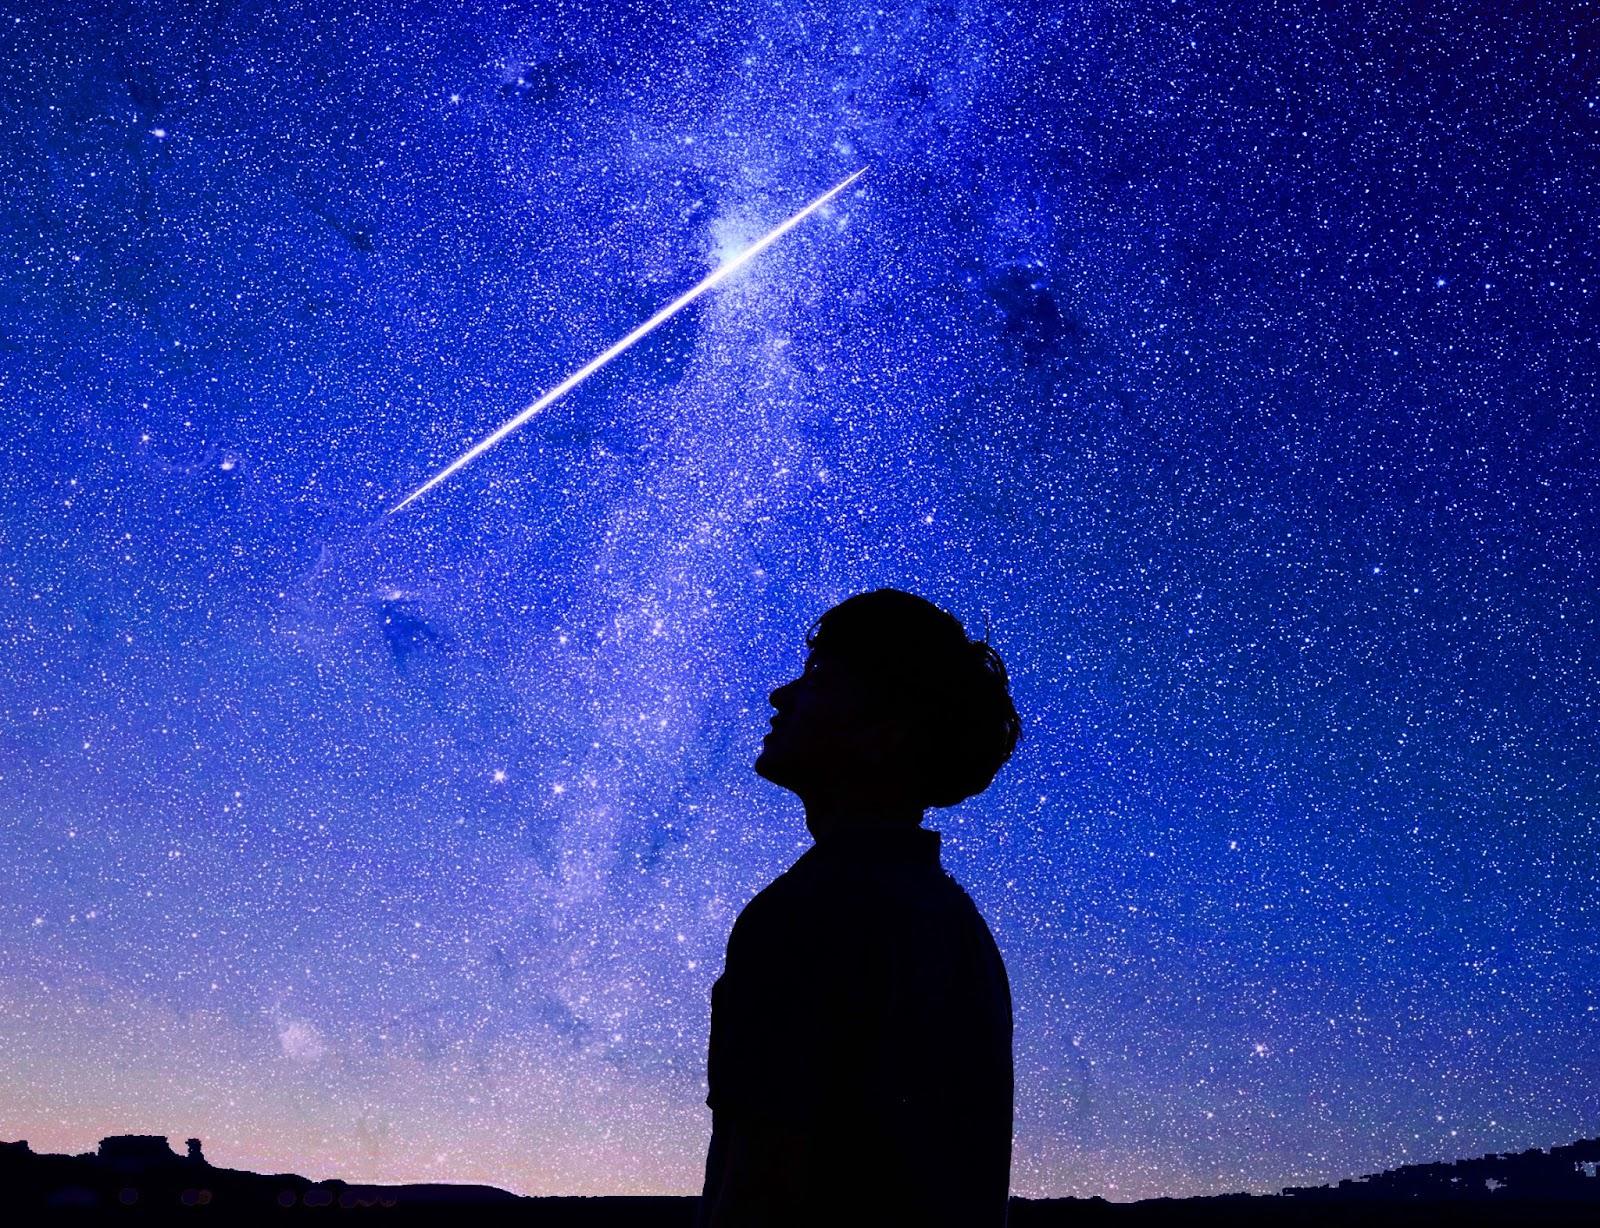 астрономия фото